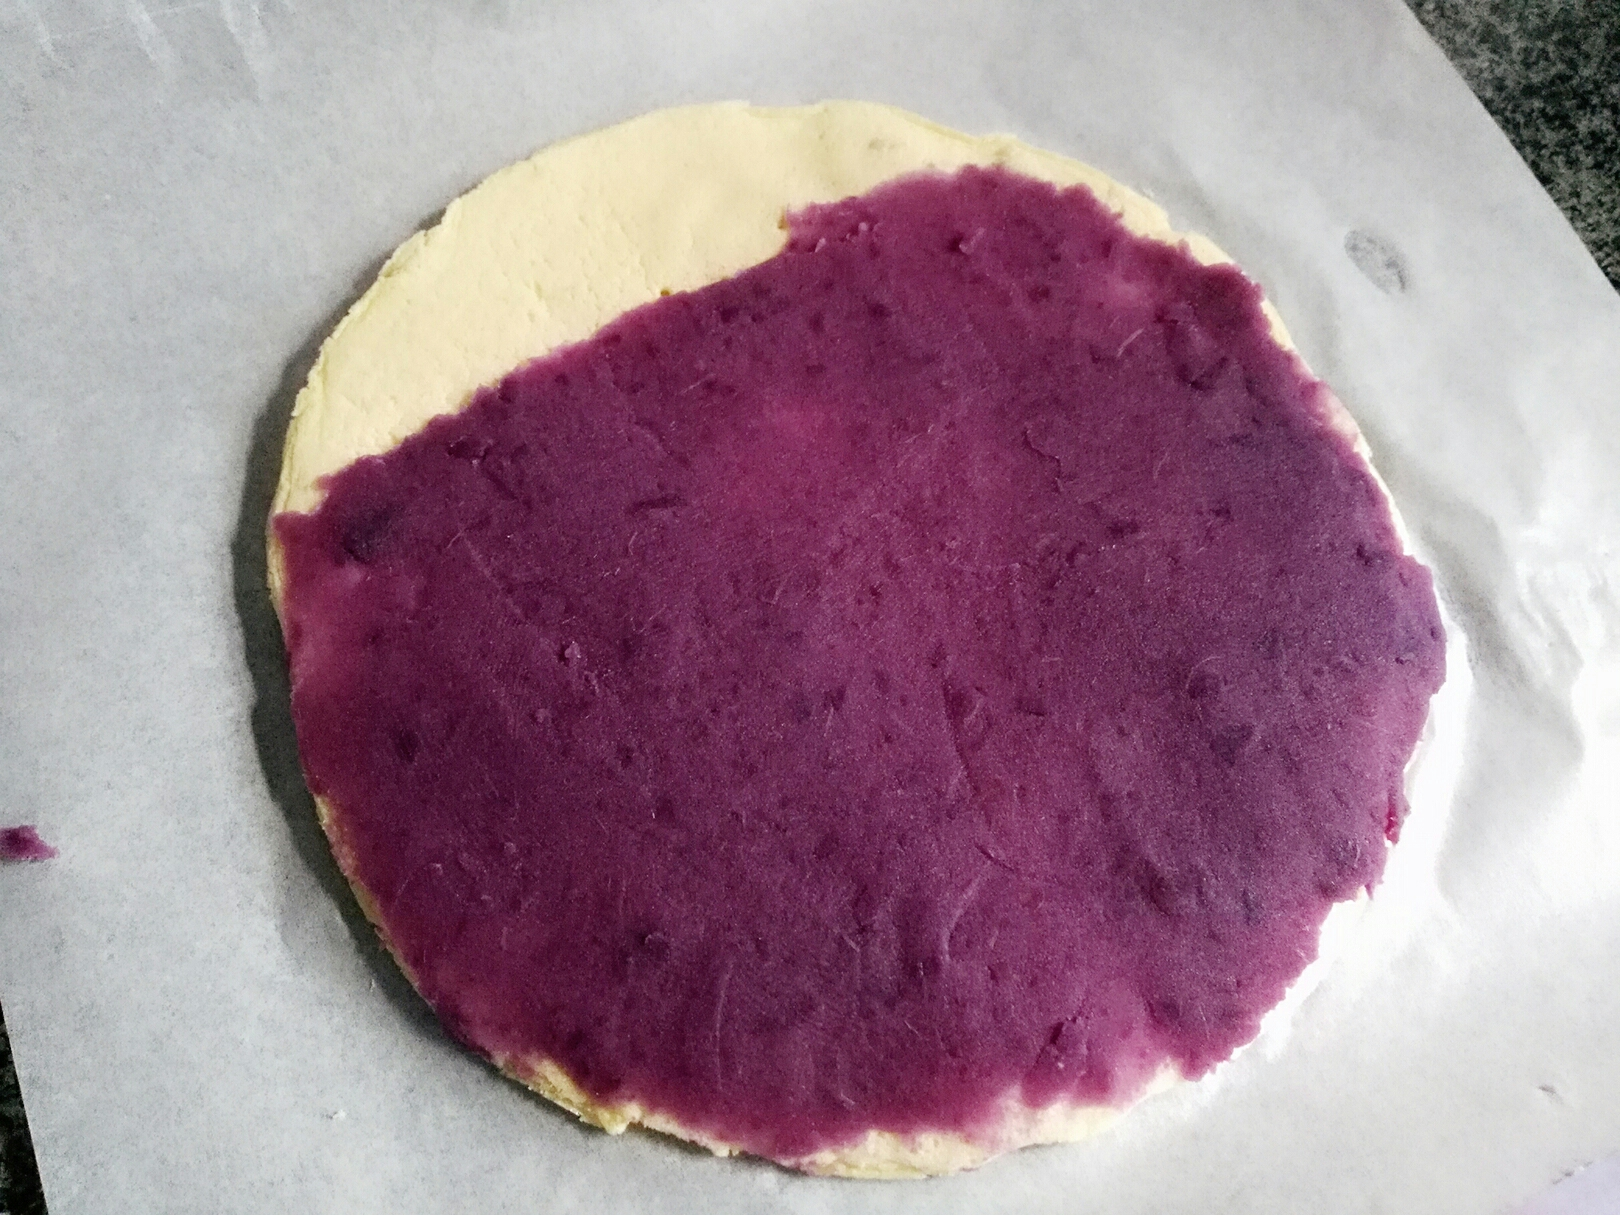 平底锅紫薯夹心蛋糕卷</p> <p>宝宝辅食,抹上紫薯泥